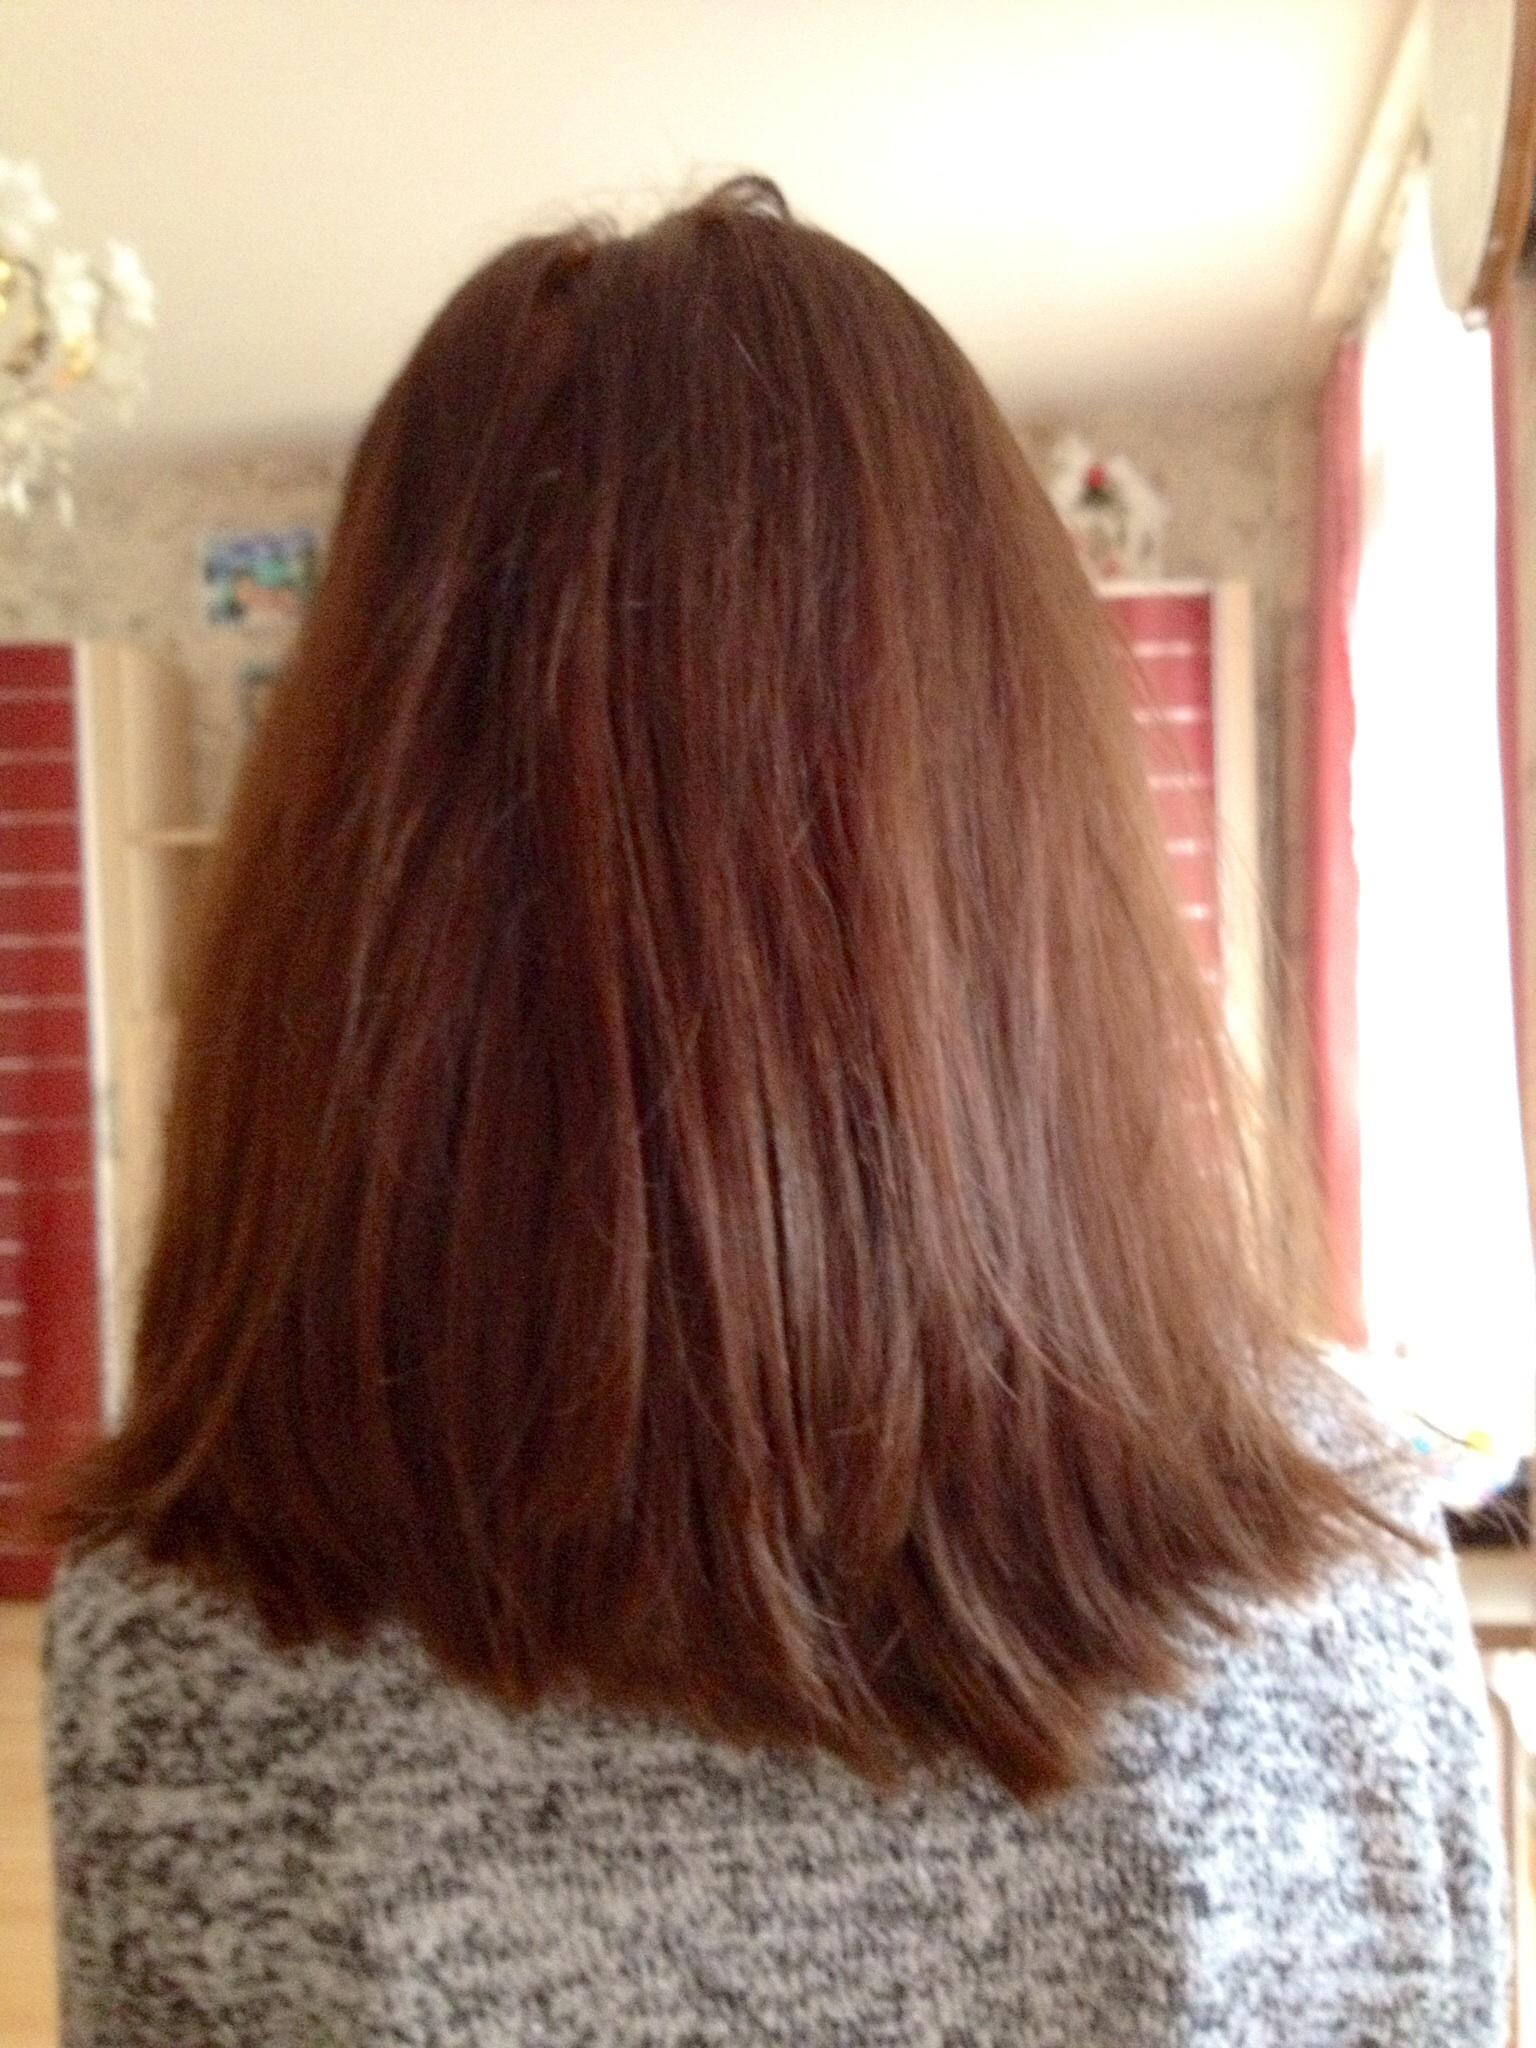 Friseur hat haare zu kurz geschnitten was tun